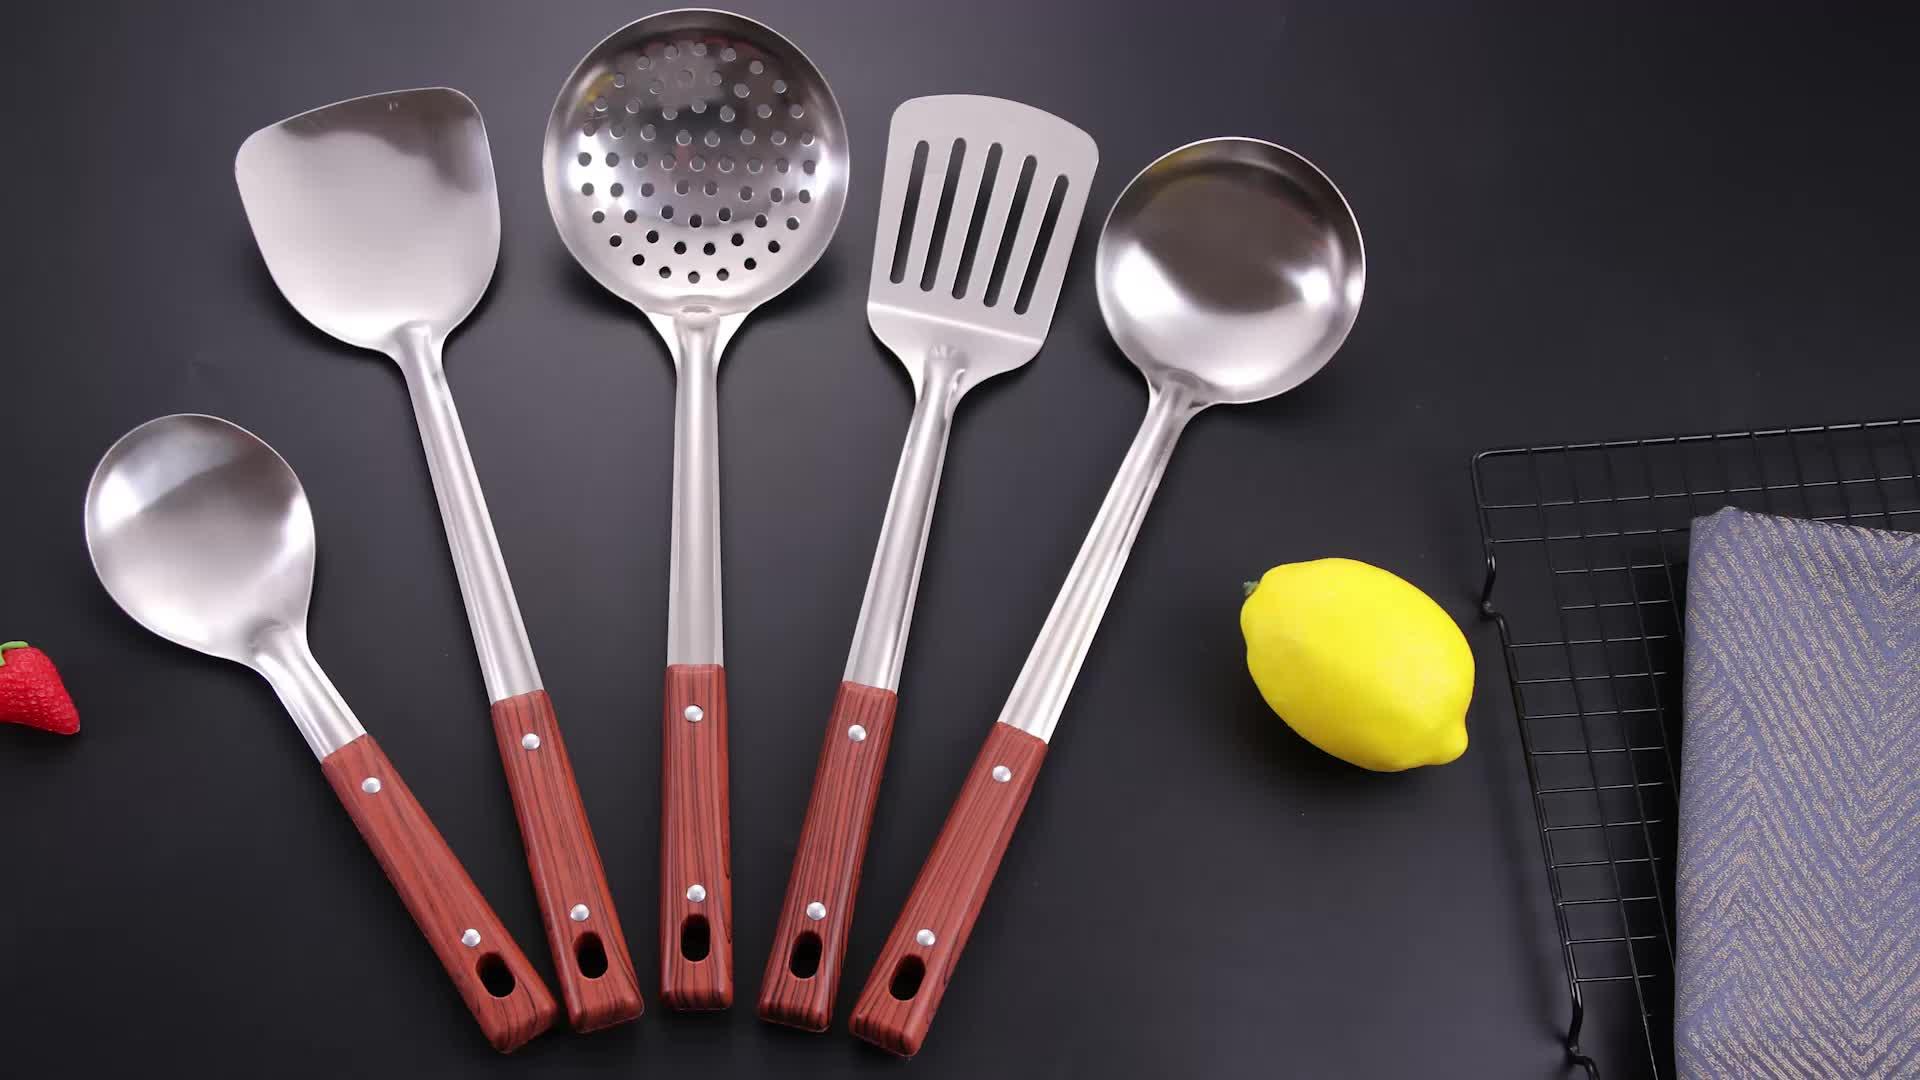 Кухонная утварь высокого качества из нержавеющей стали Kichen инструменты аксессуары набор кухонной утвари